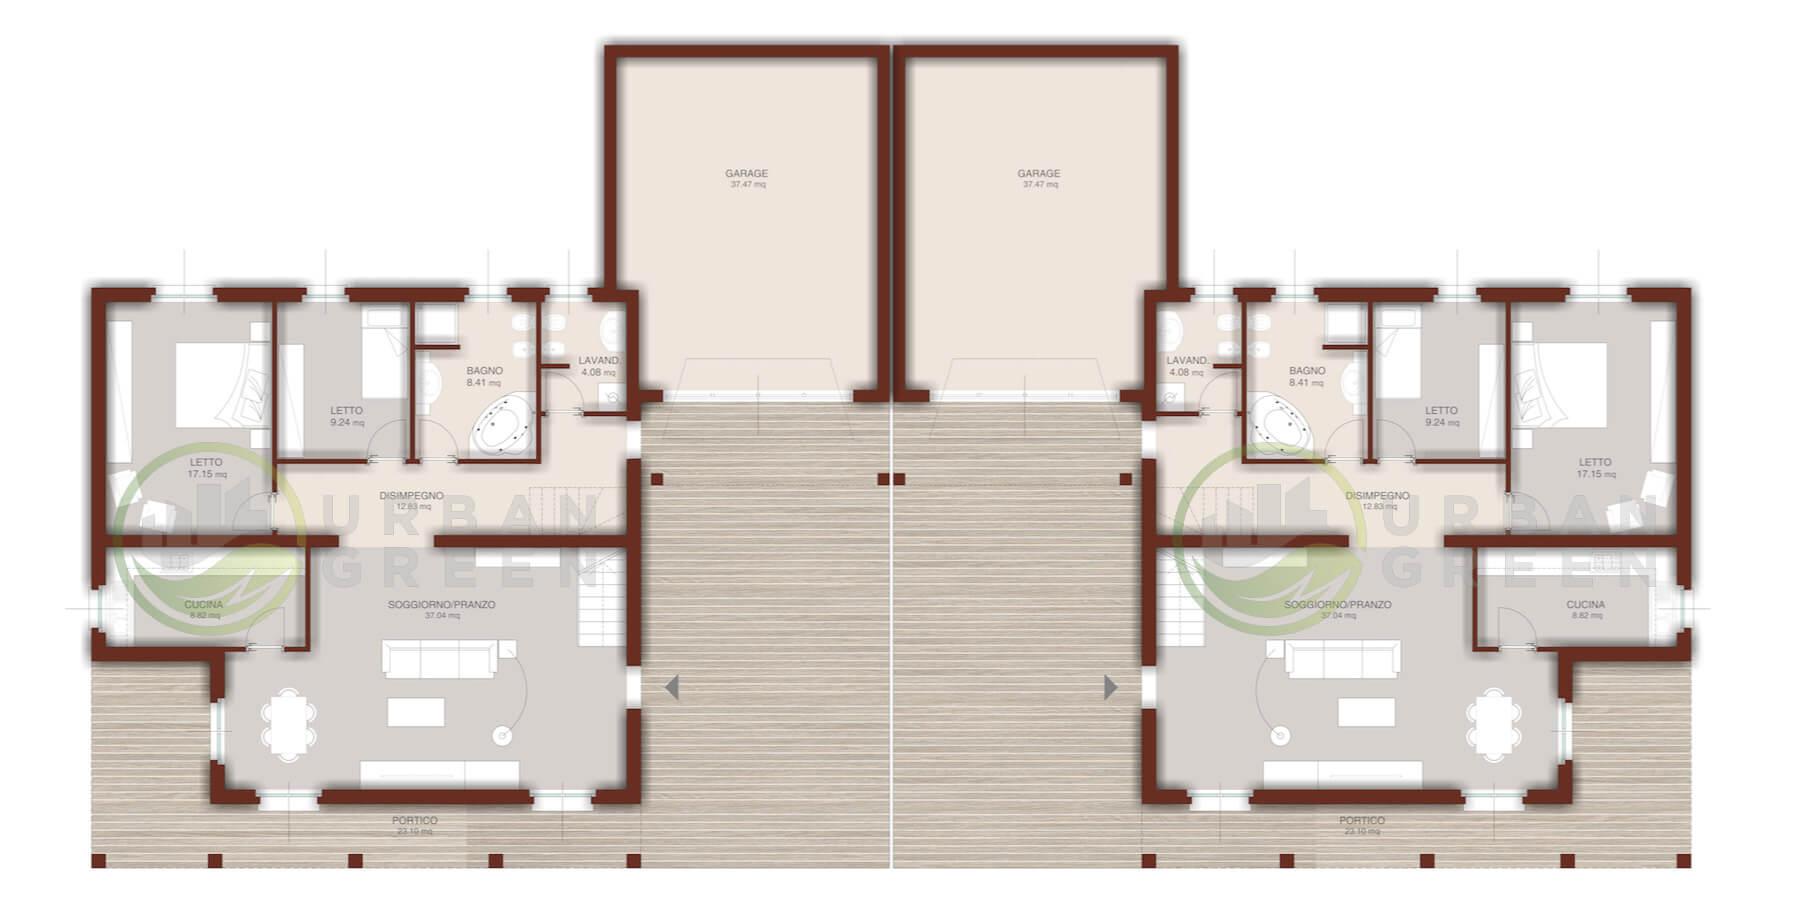 Casa in legno bifamiliare urb35 urban green for Progetto casa in legno